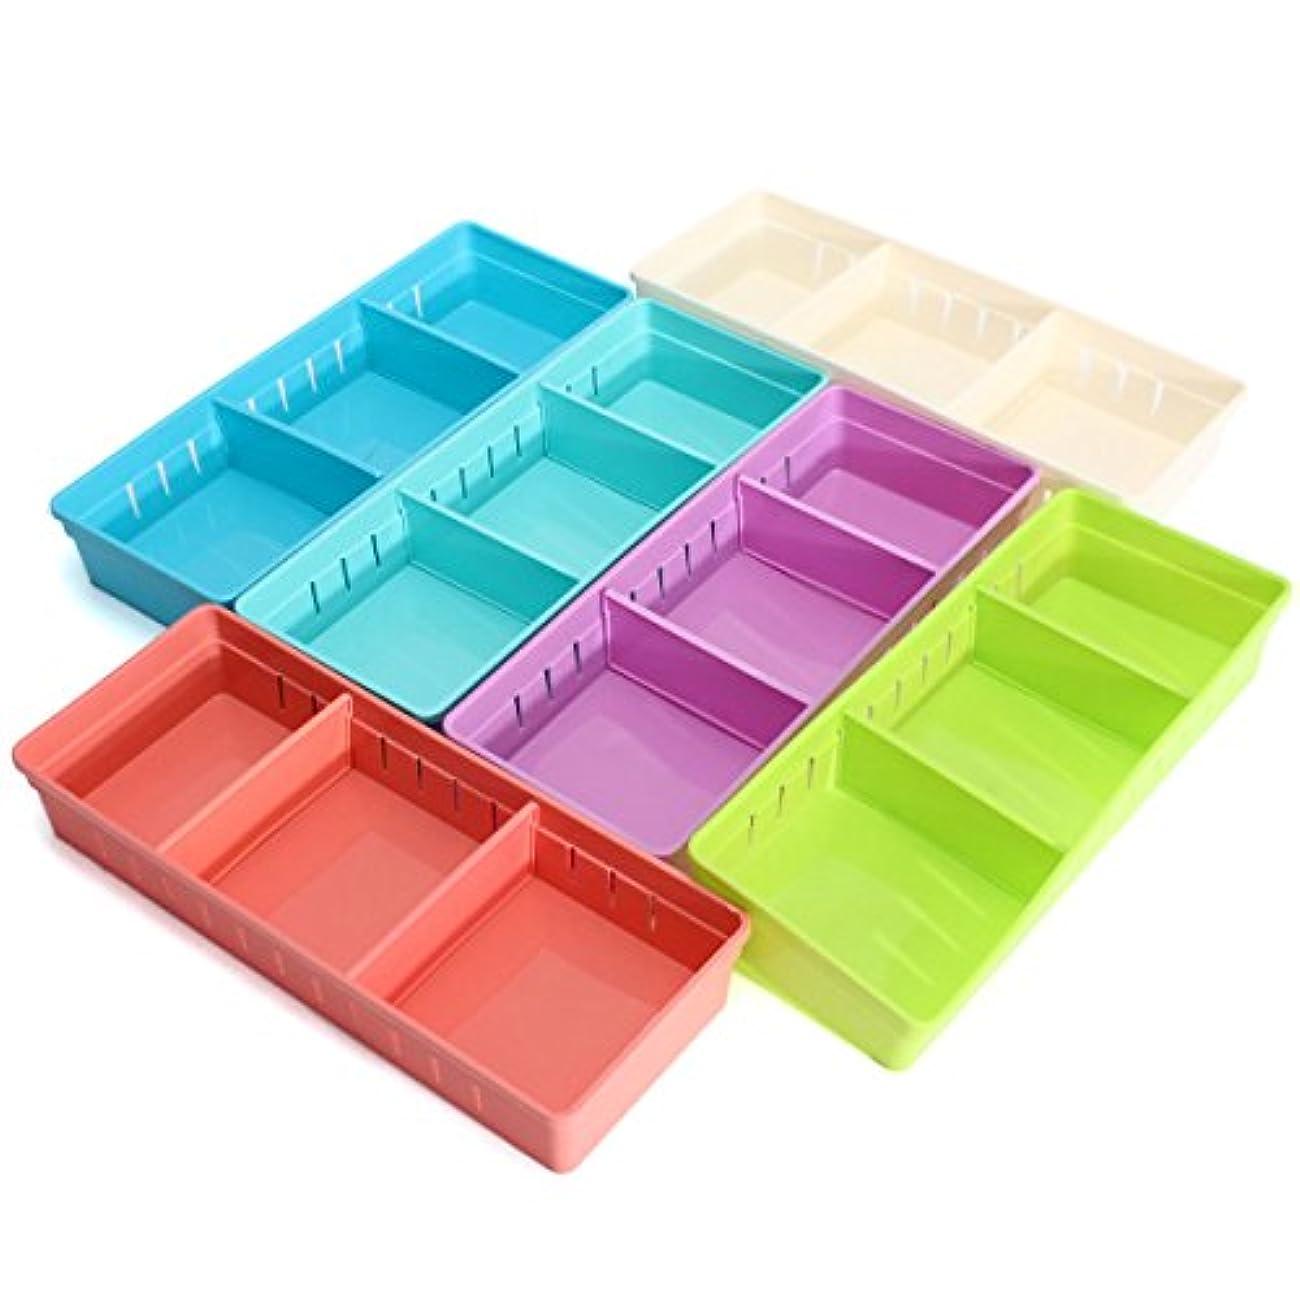 ルネッサンス辞書クロニクルYZUEYT 調整可能なメイクアップ収納ボックス引き出しホームキッチンオフィスSupplie鉛筆ジュエリーオーガナイザー YZUEYT (Color : Color Yellow)